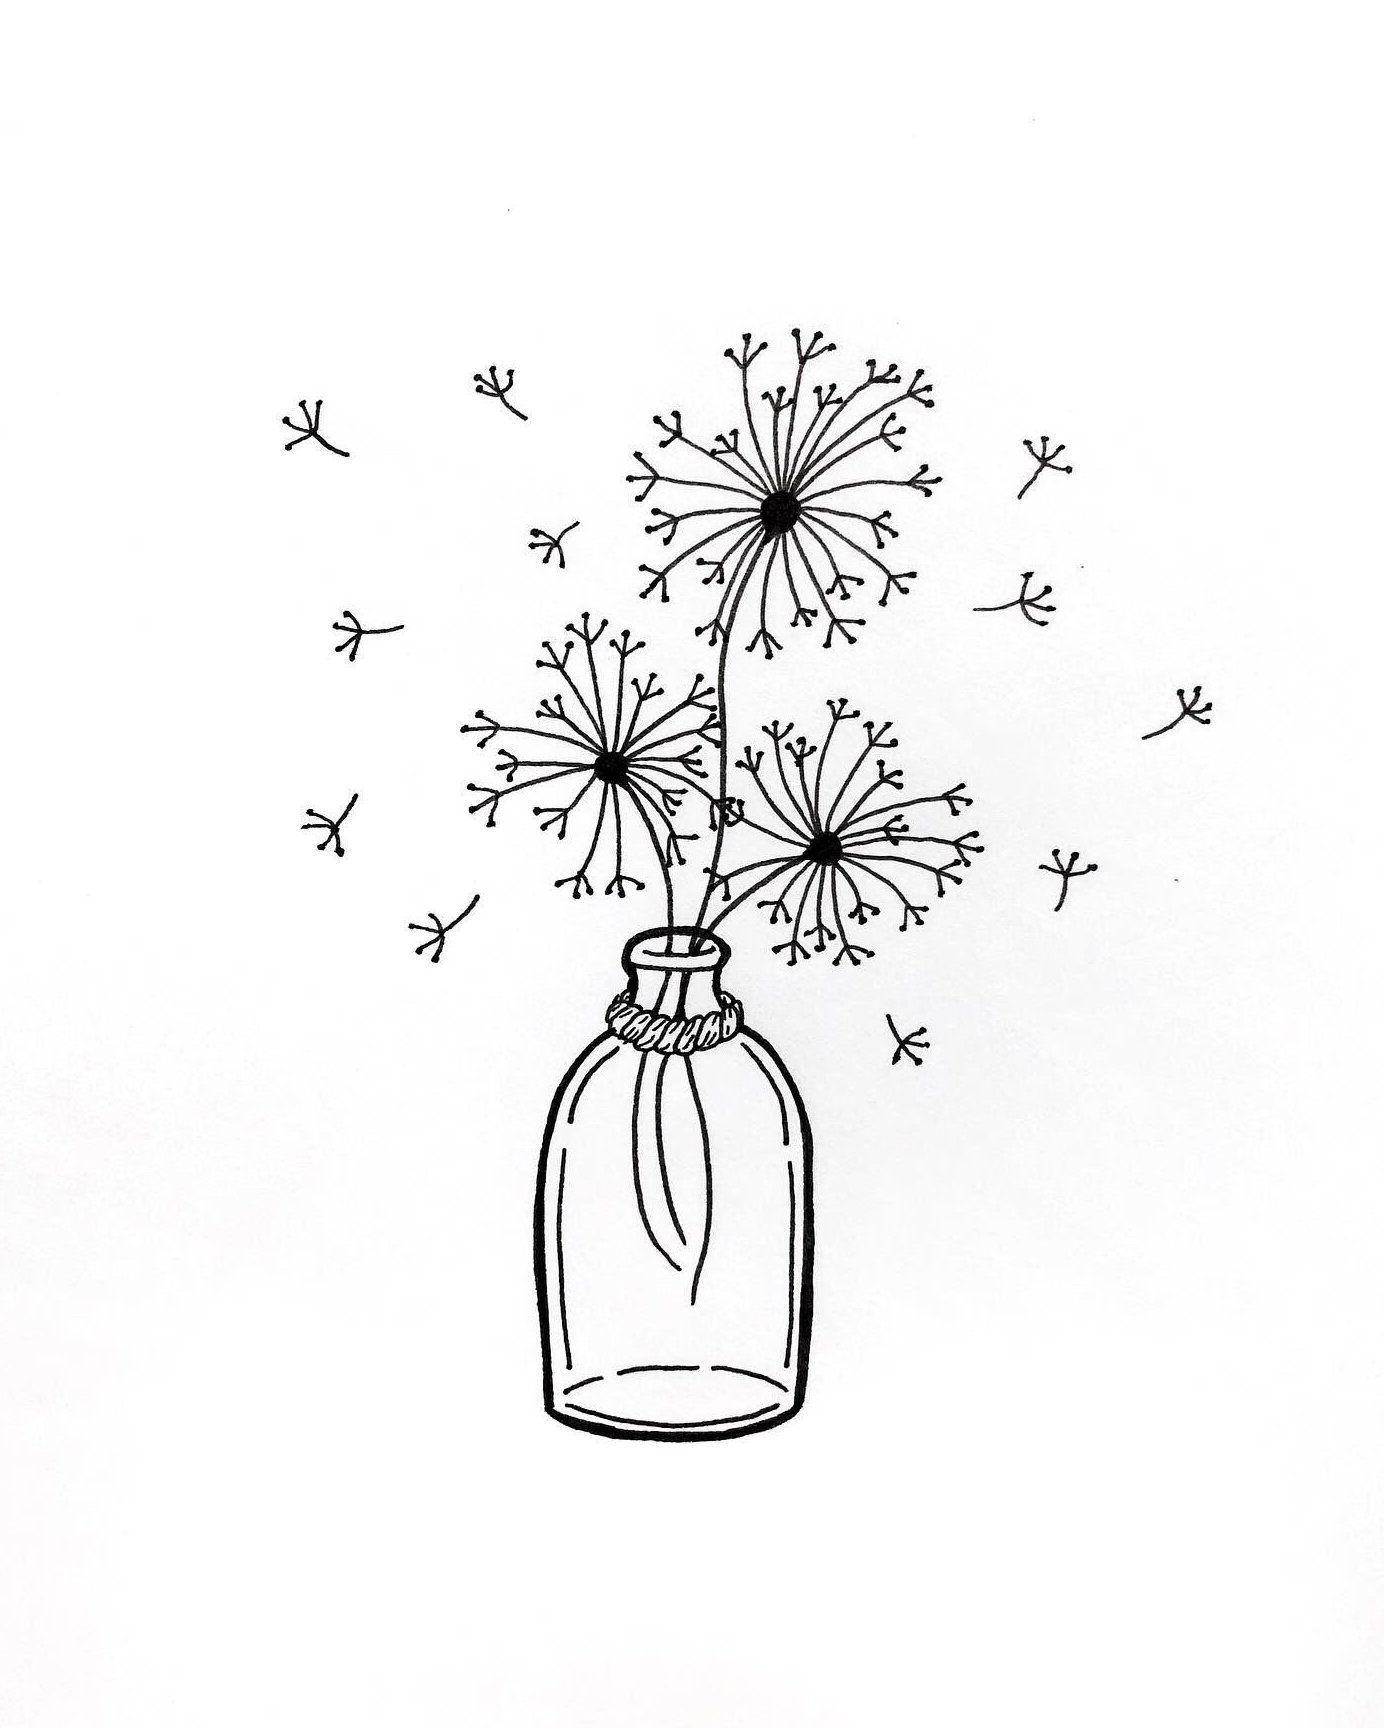 Flower Vase Watercolor Aesthetic Drawing Watercolor Flower Vase Watercolor In 2020 Line Art Drawings Flower Vase Drawing Flower Drawing